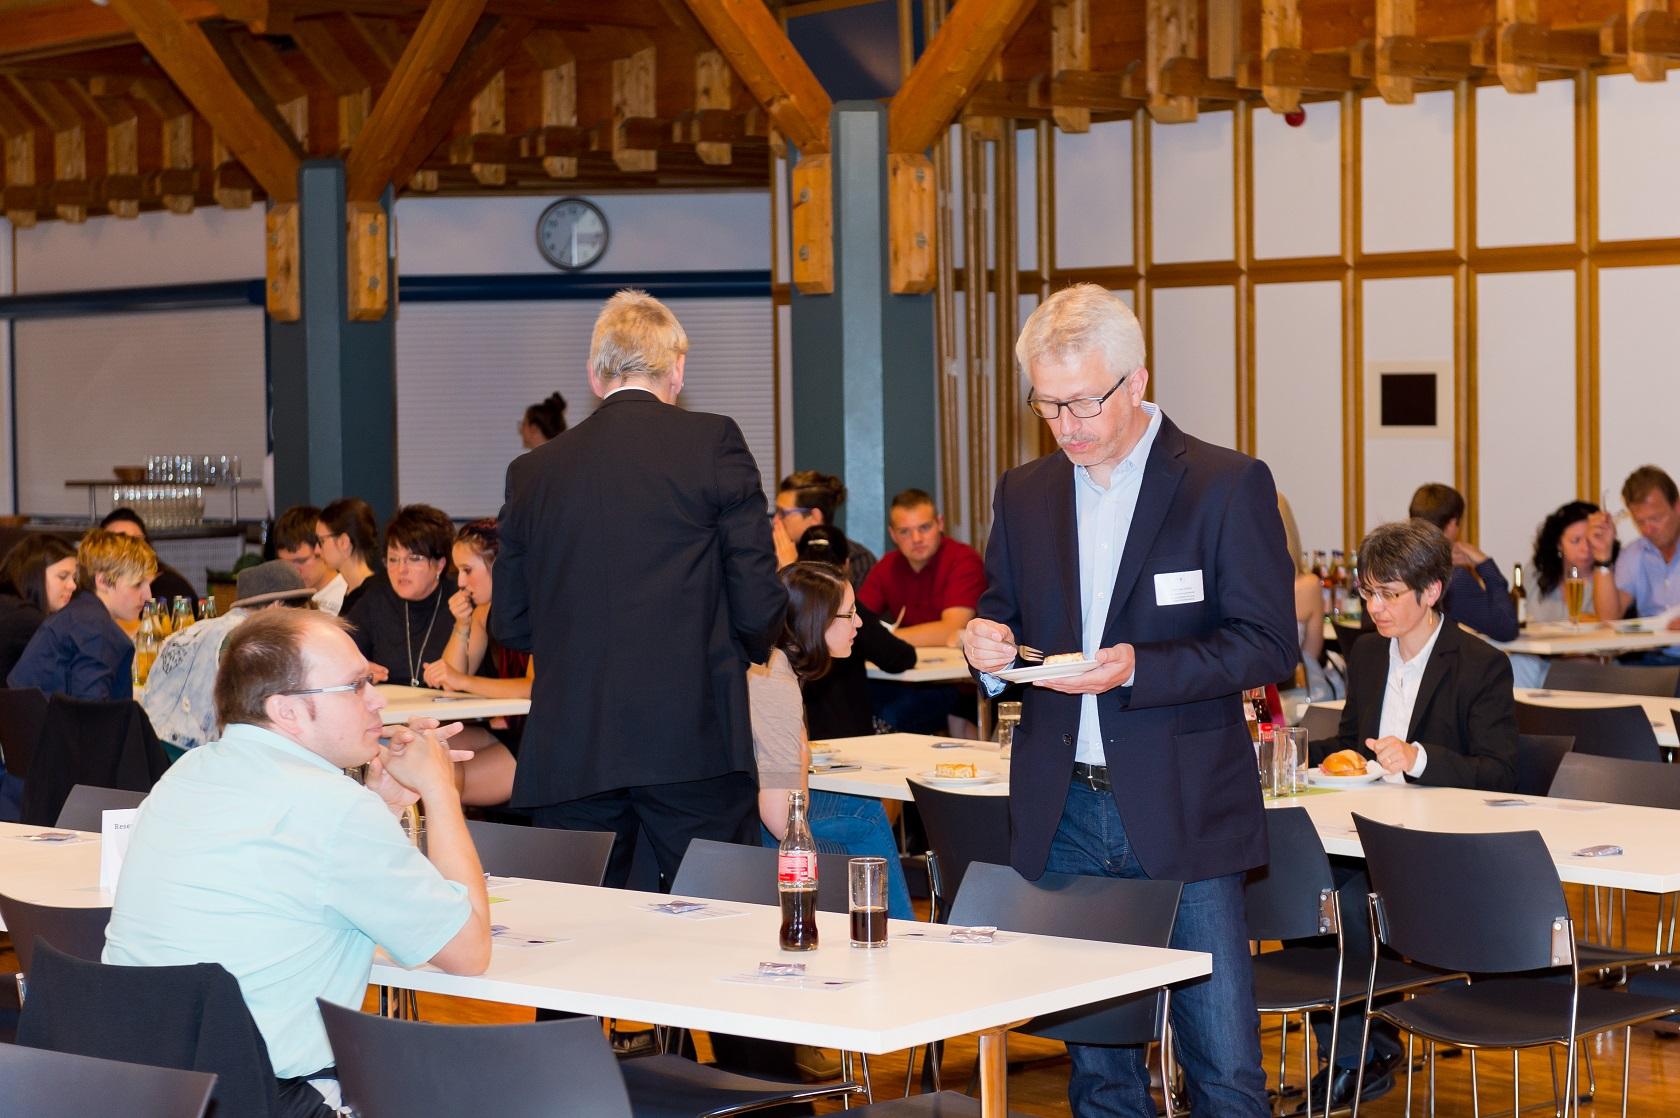 Freisprechungsfeier Freiburg 2017 Vorbereitungen Matthias Müller